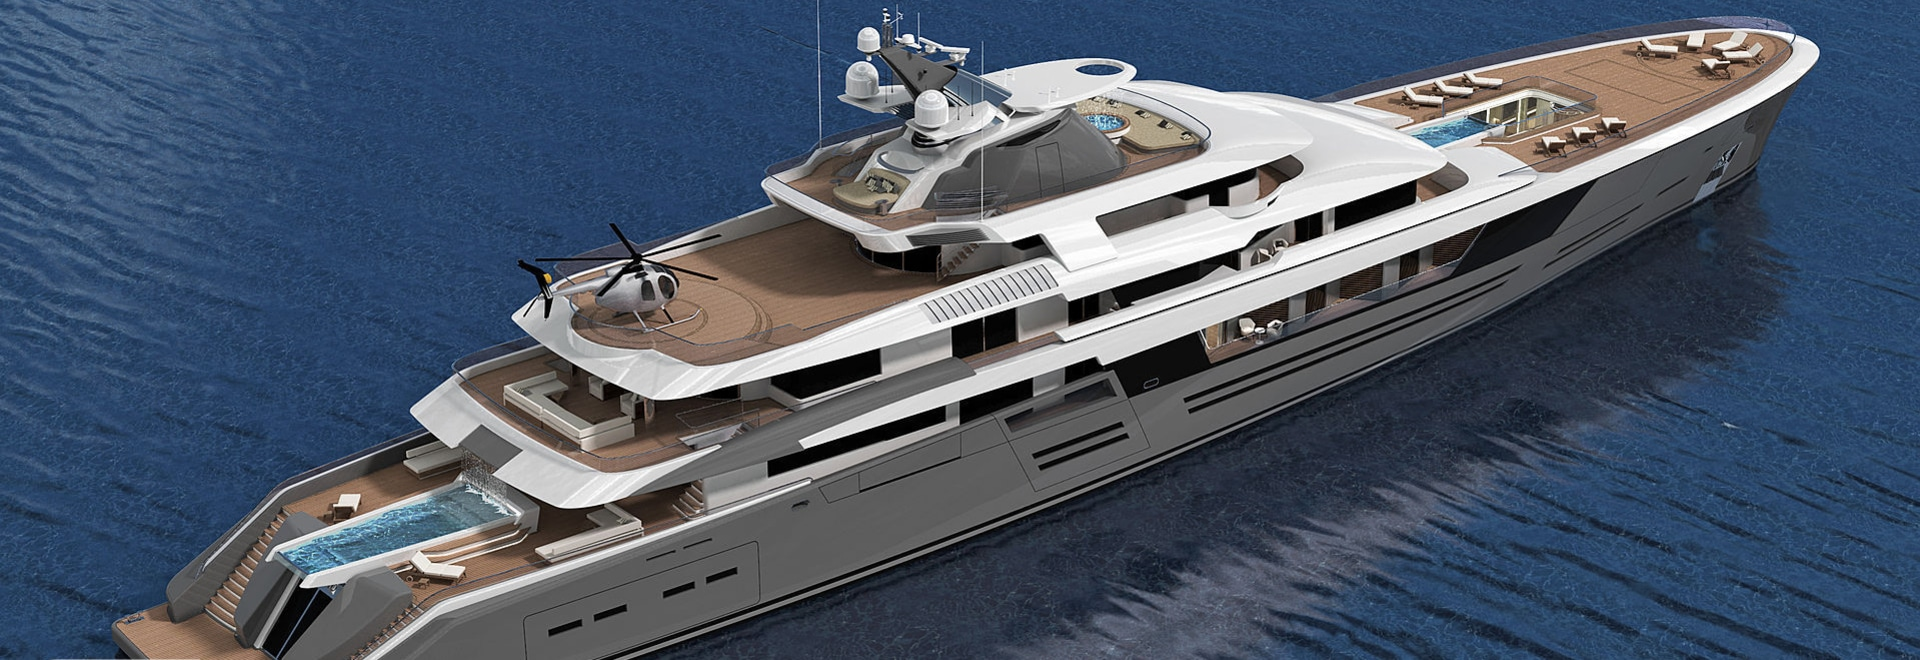 Nobiskrug's 90m Superyachtkonzept Legato